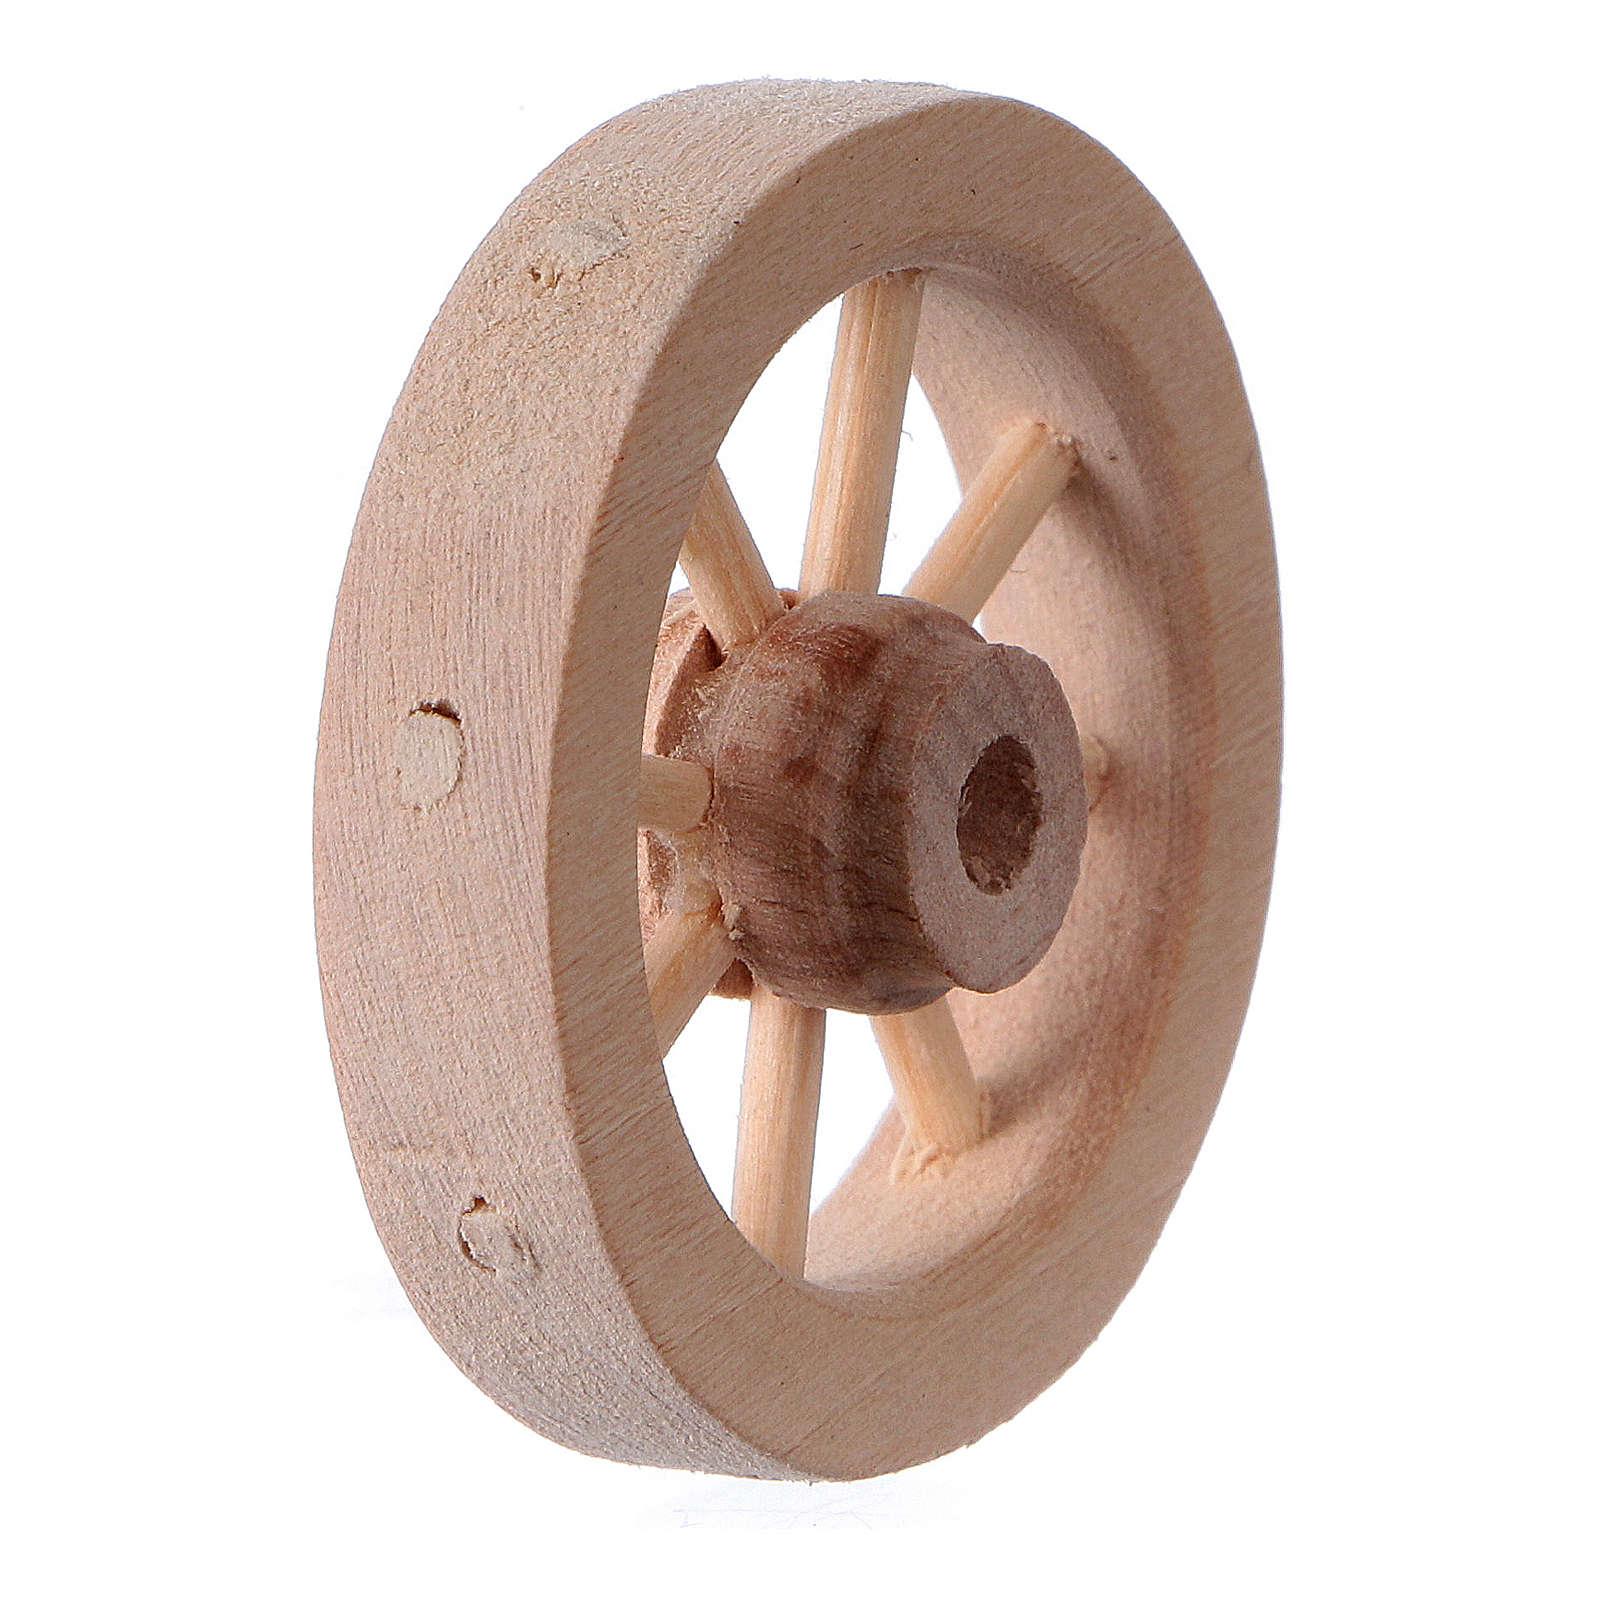 Roda carrinho para presépio madeira clara diâm. 3,5 cm 4